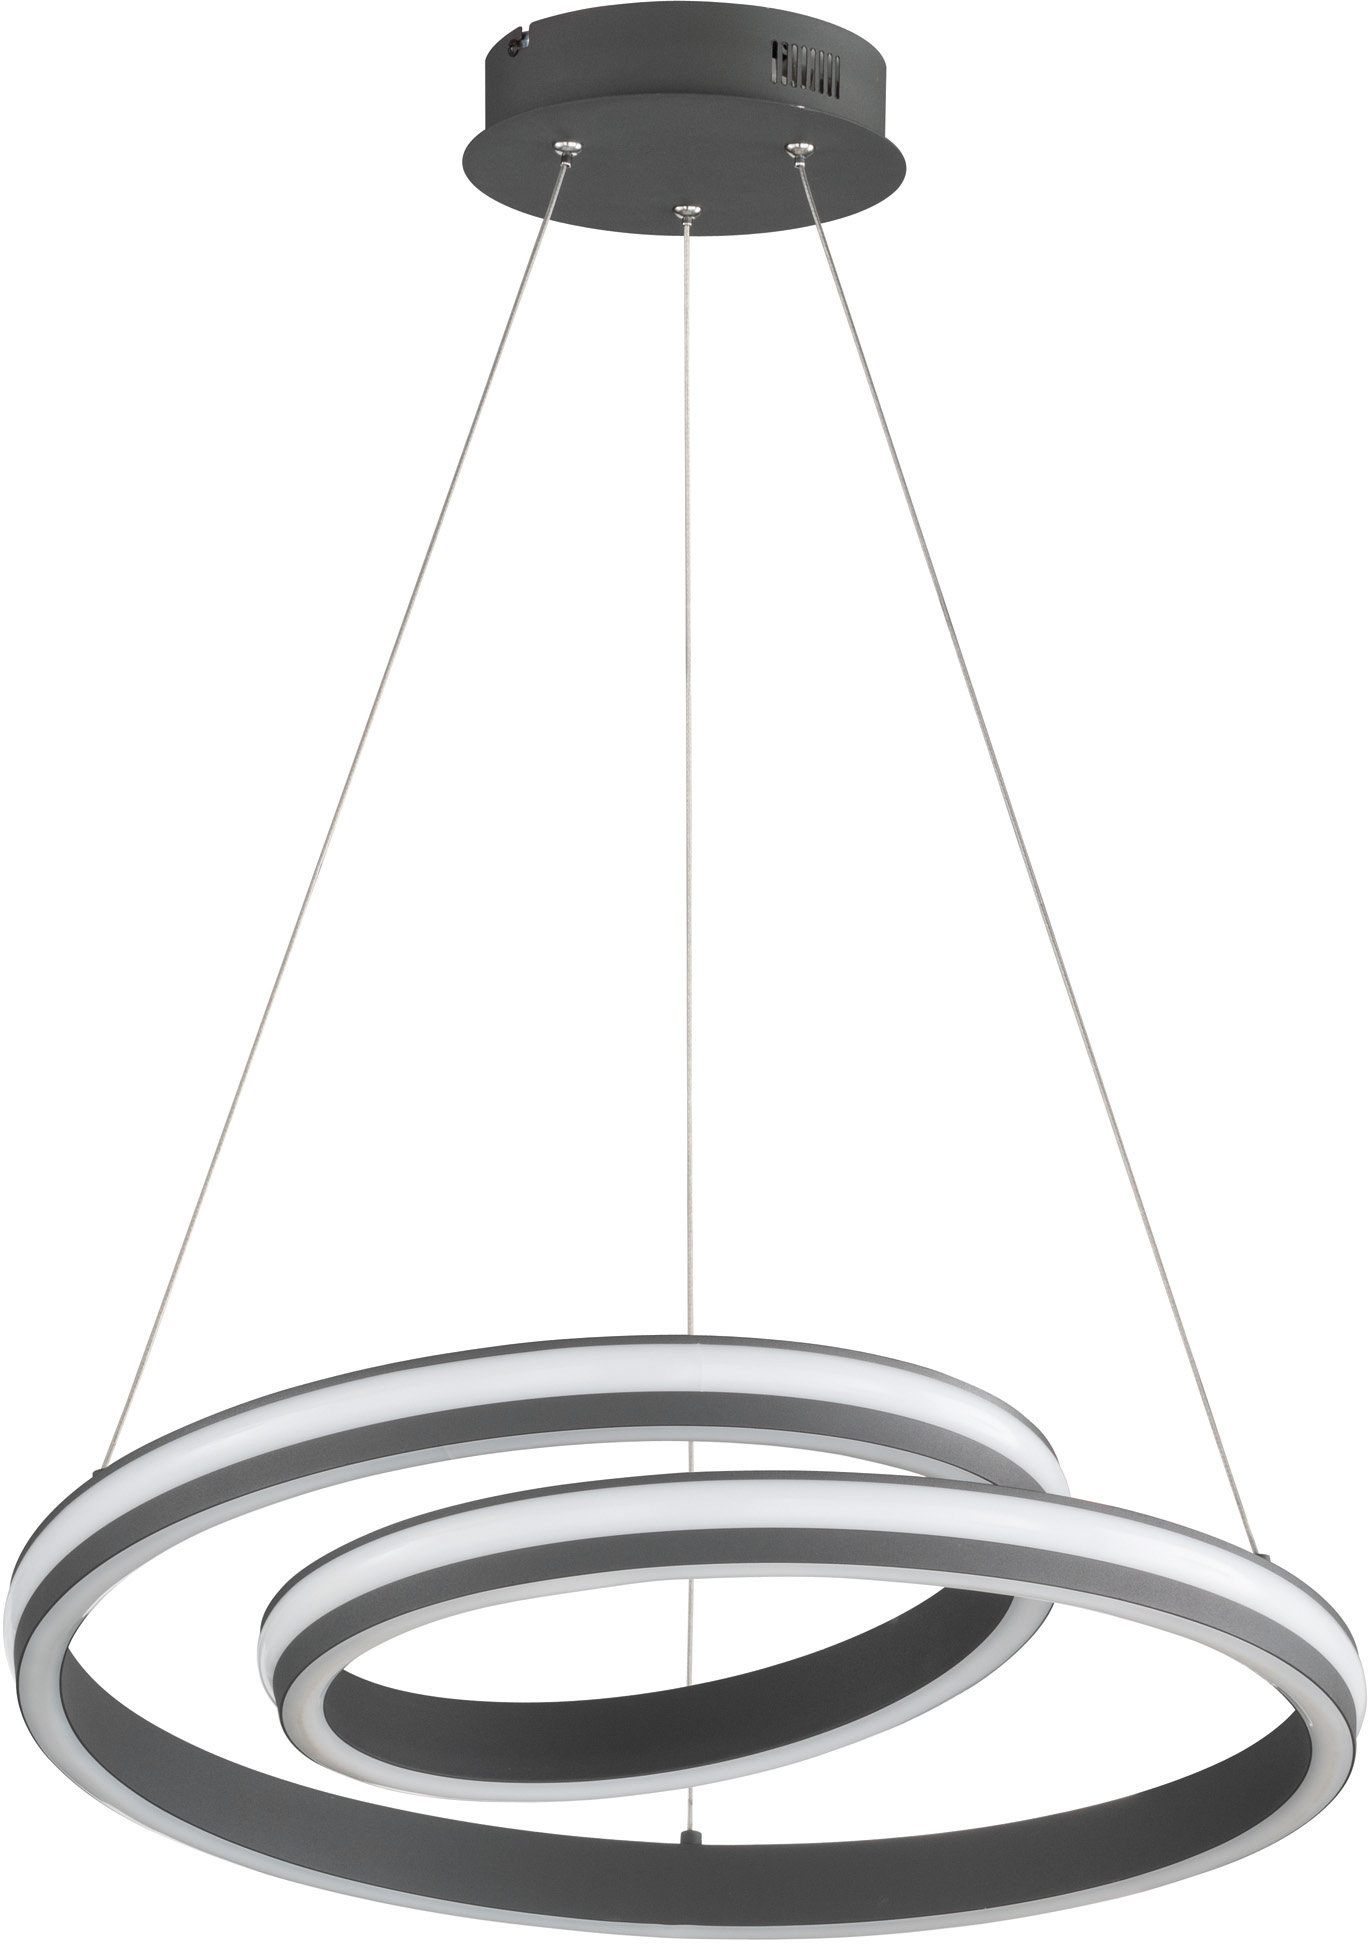 Φωτιστικό οροφής FH Spiral